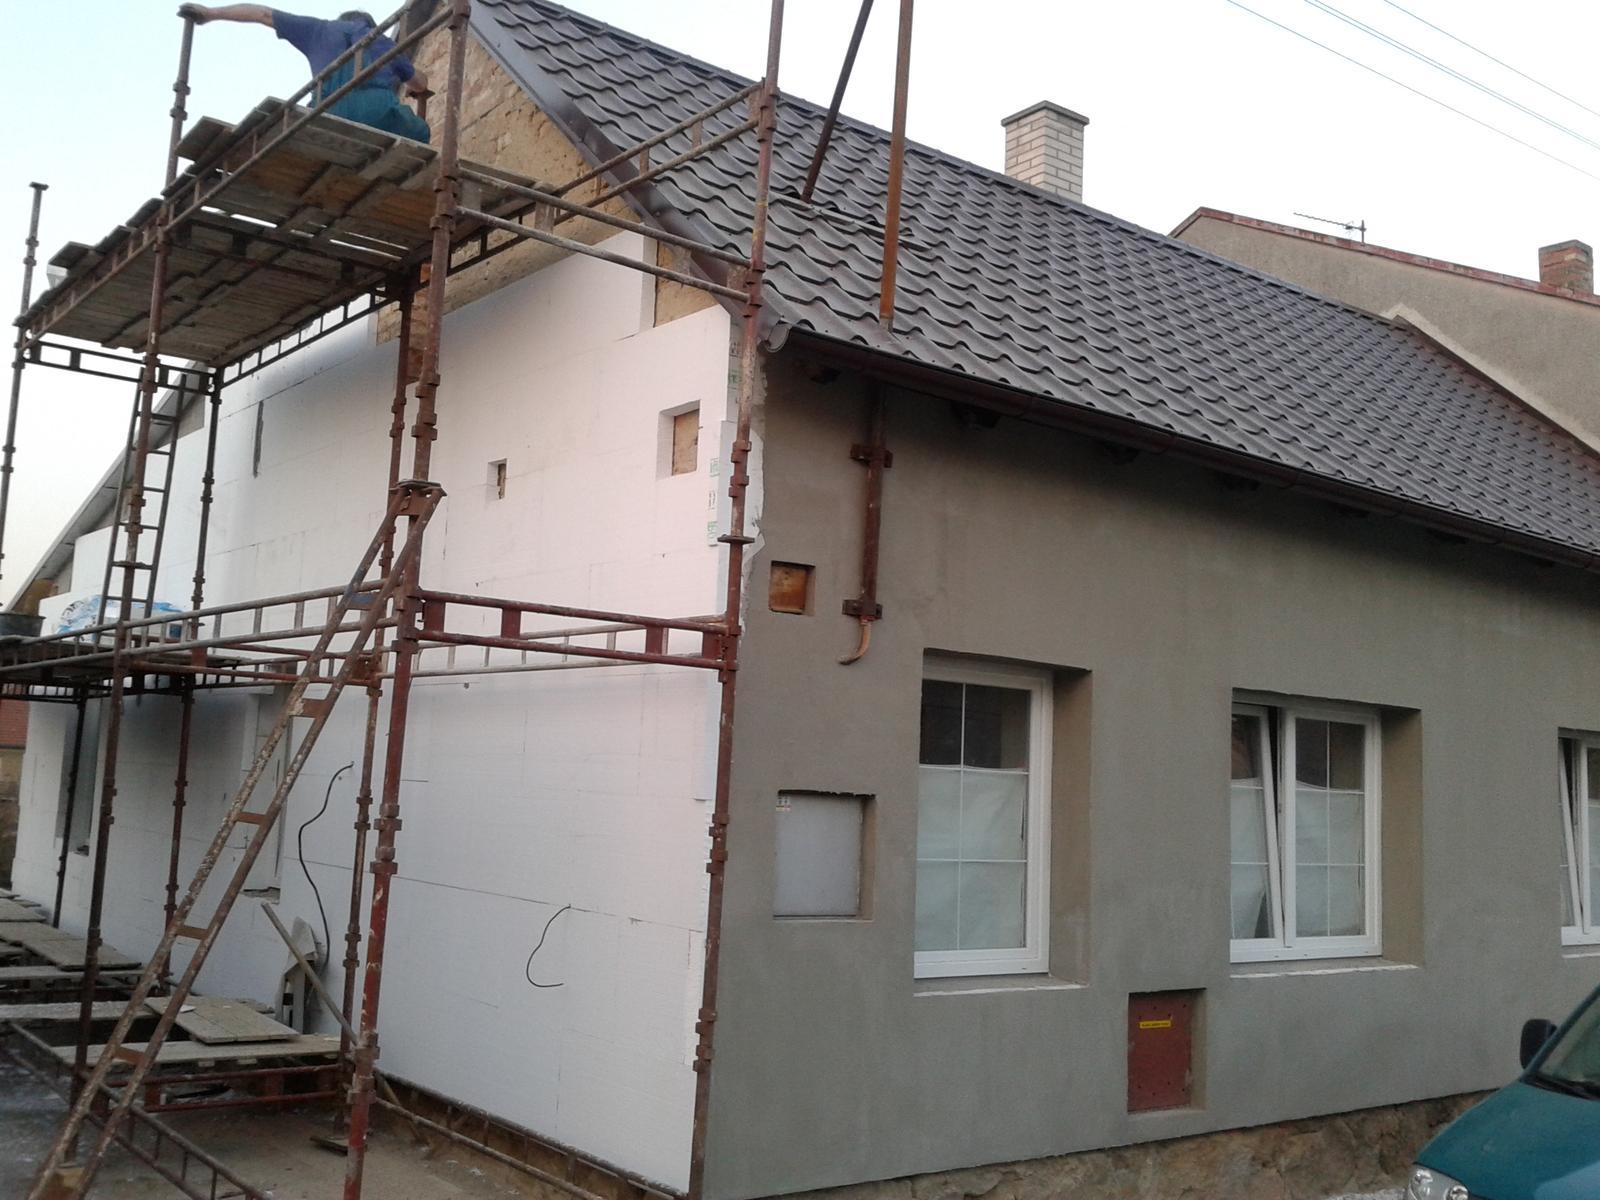 Domeček rekonstruujeme pro rodiče - Předek natažený lepidlem - boční stranu už zateplují